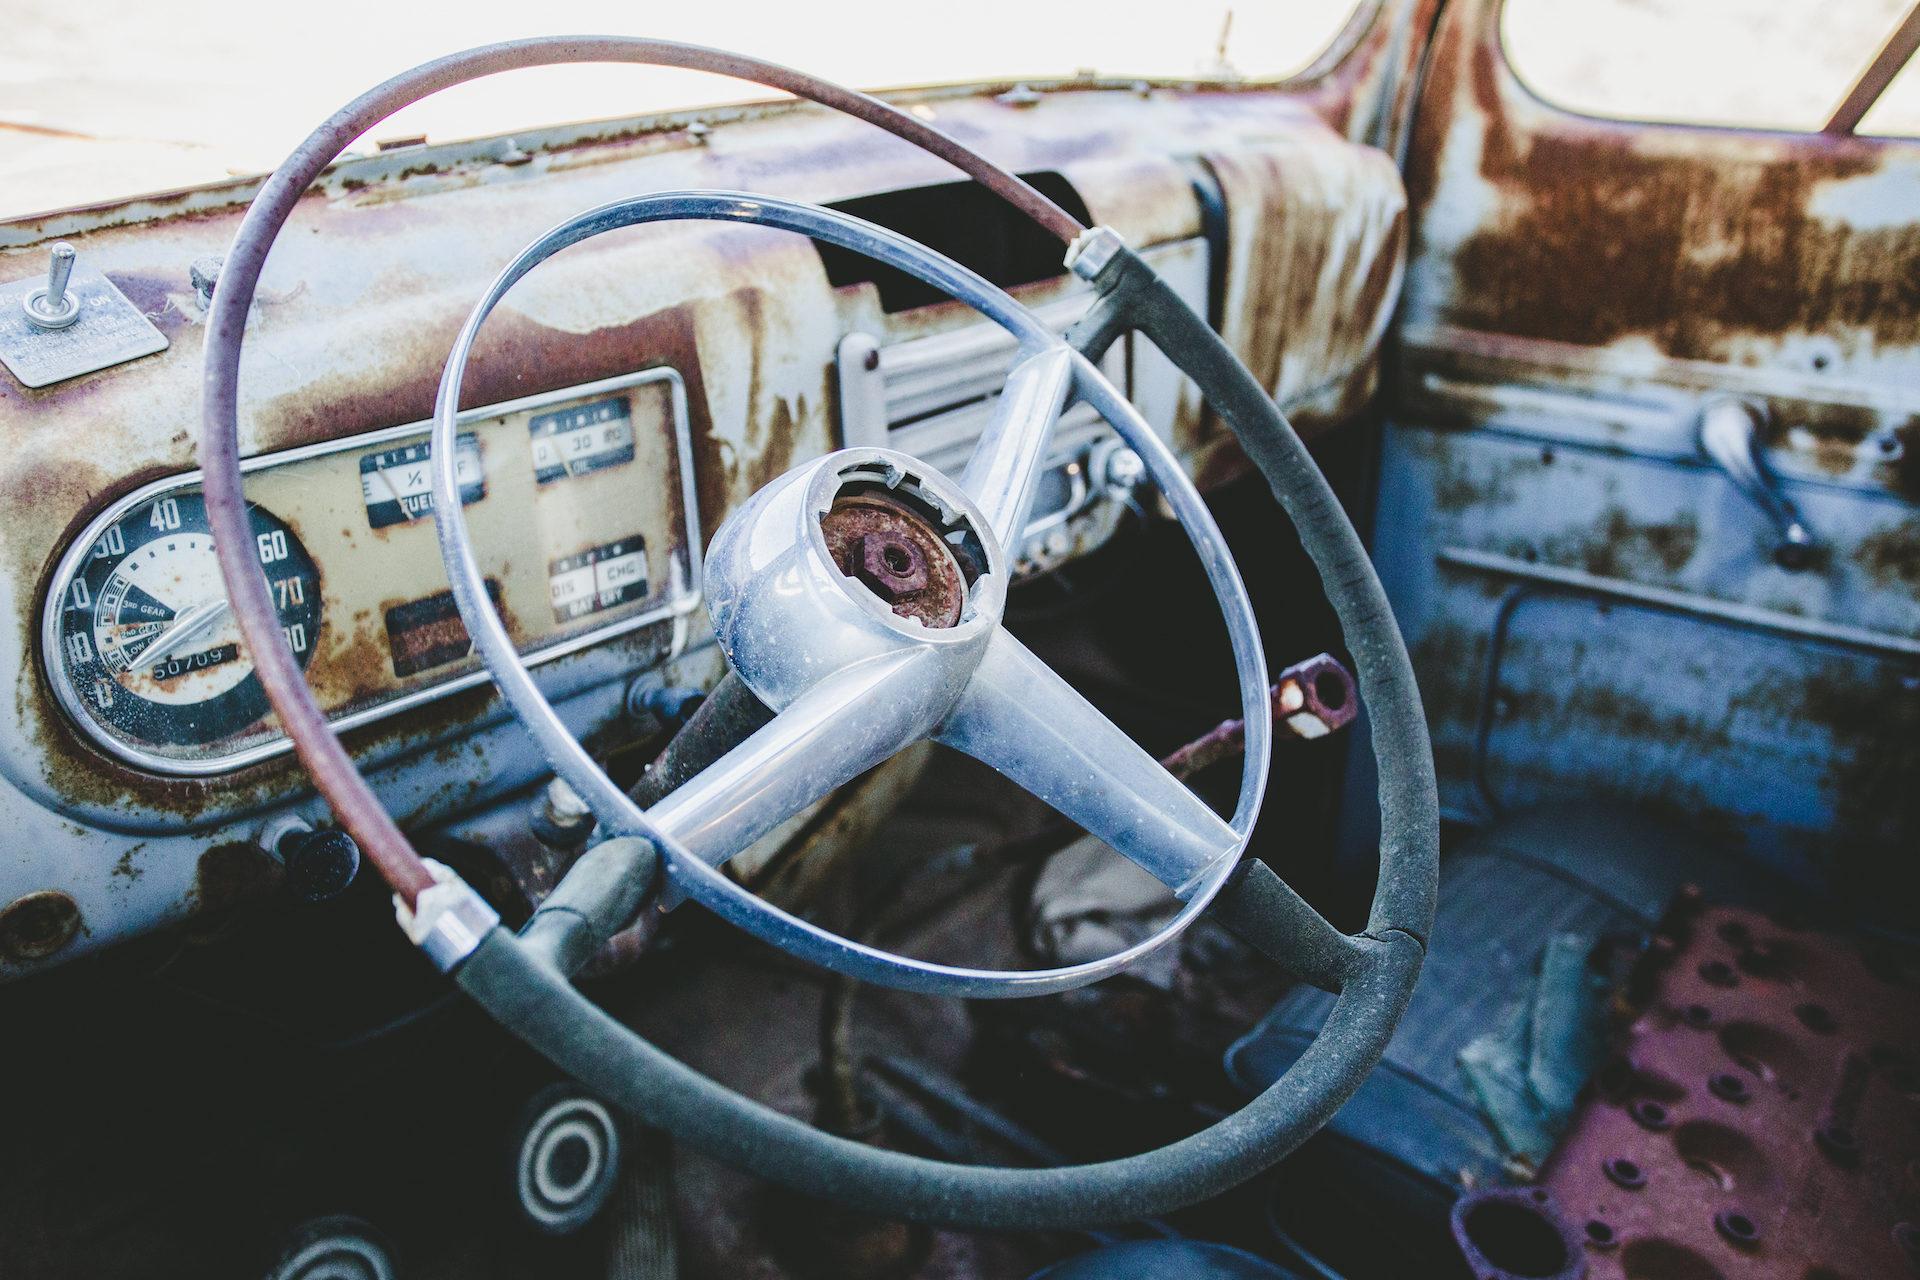 voiture, antiguo, vieux, Rouillé, Vintage - Fonds d'écran HD - Professor-falken.com